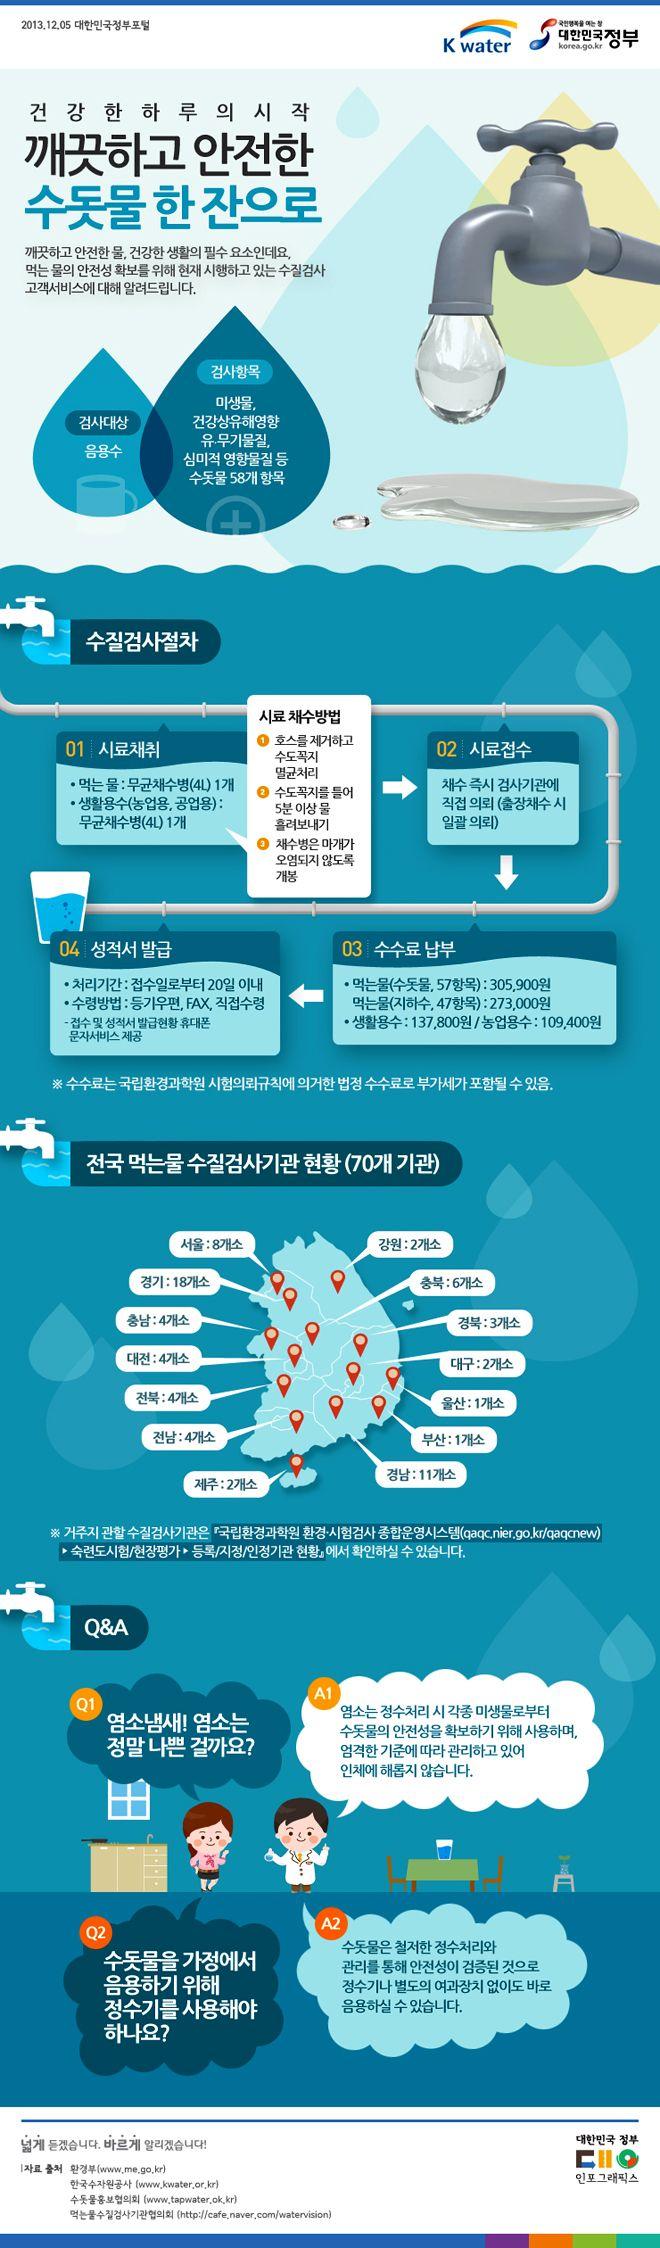 깨끗하고 안전한 수돗물 (출처: 대한민국 정부포털, K water)